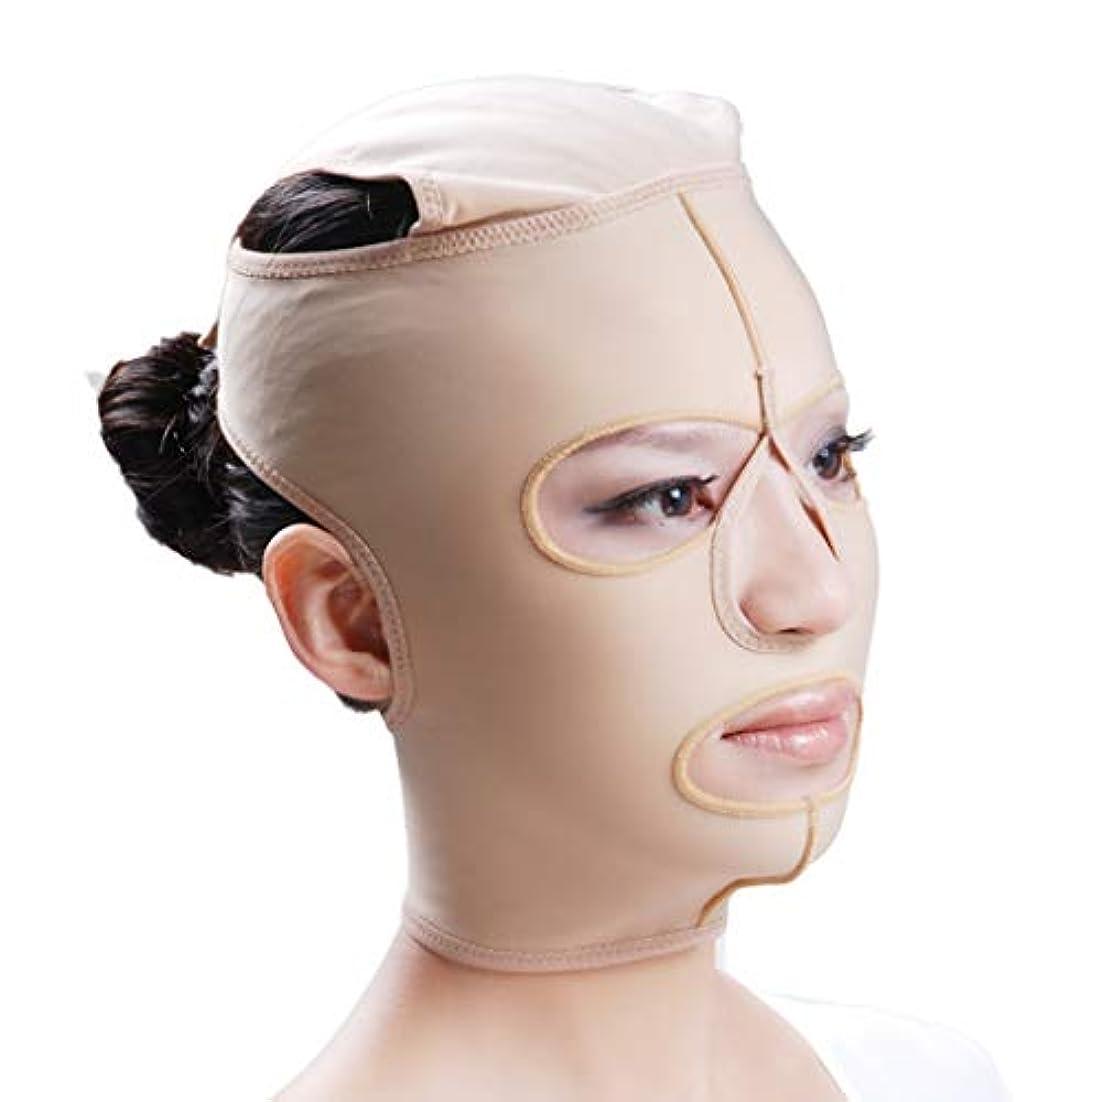 憤るシンプルなキュービックフェイスリフトマスク、フルフェイスマスク医療グレード圧力フェイスダブルチンプラスチック脂肪吸引術弾性包帯ヘッドギア後の顔の脂肪吸引術 (Size : L)